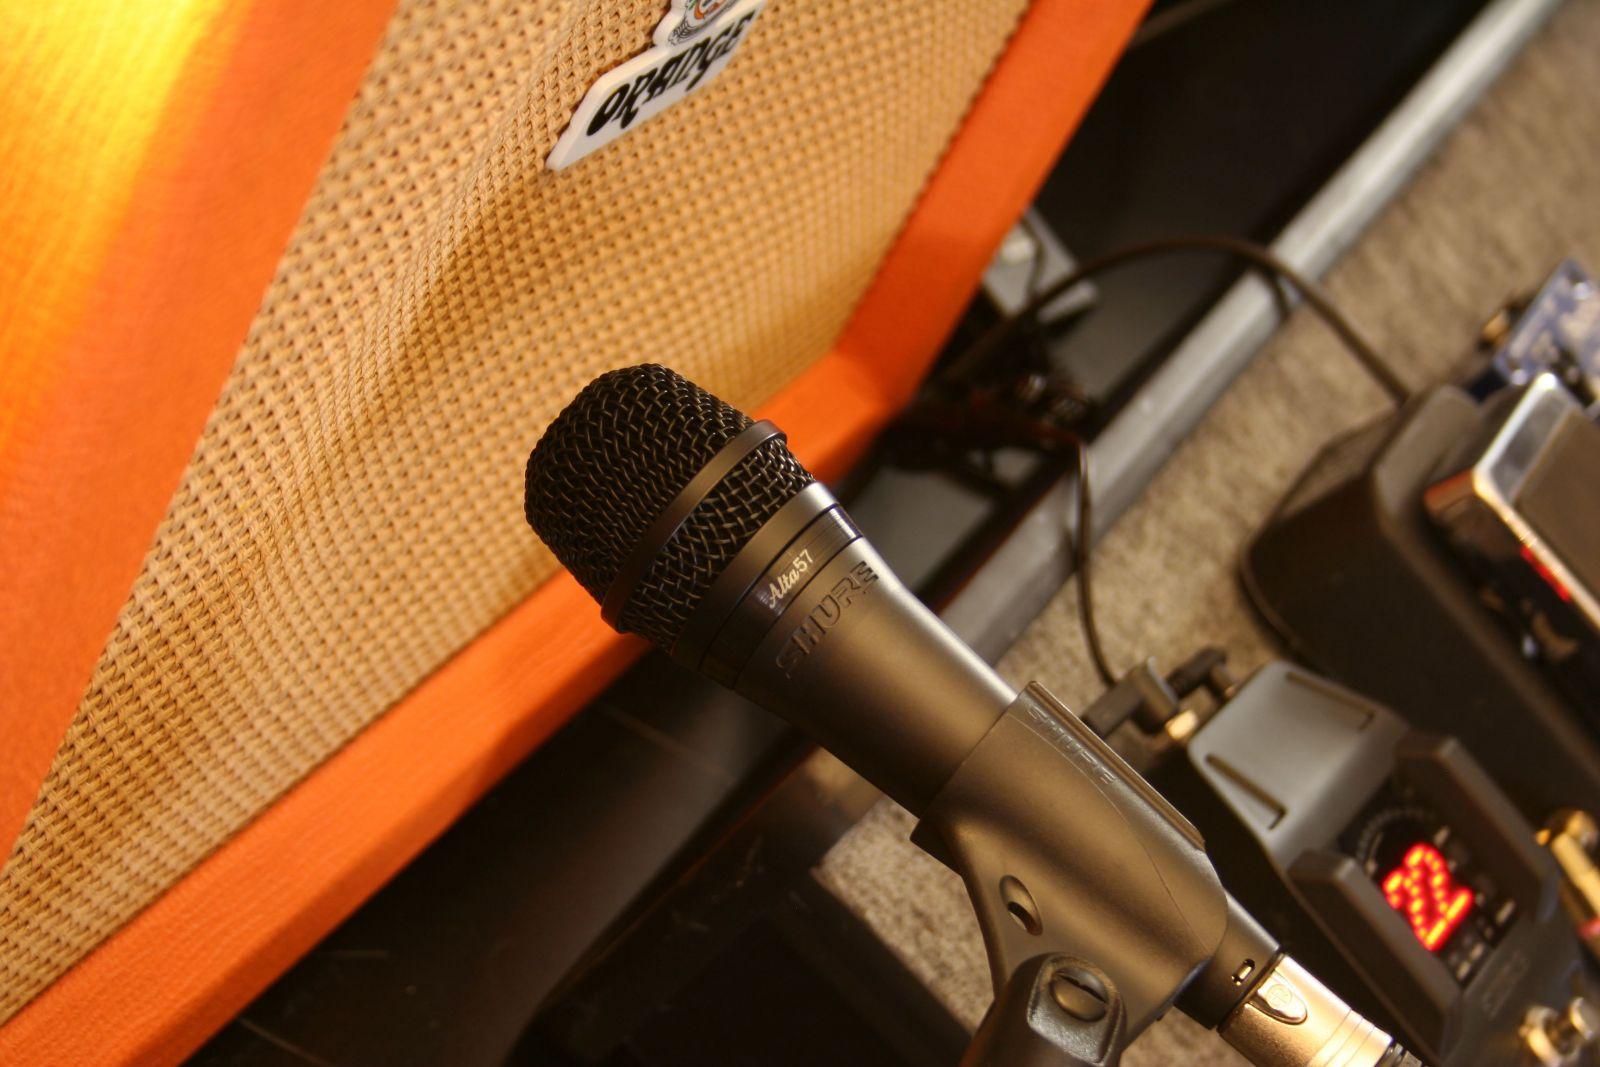 PGA57 dynamic mic